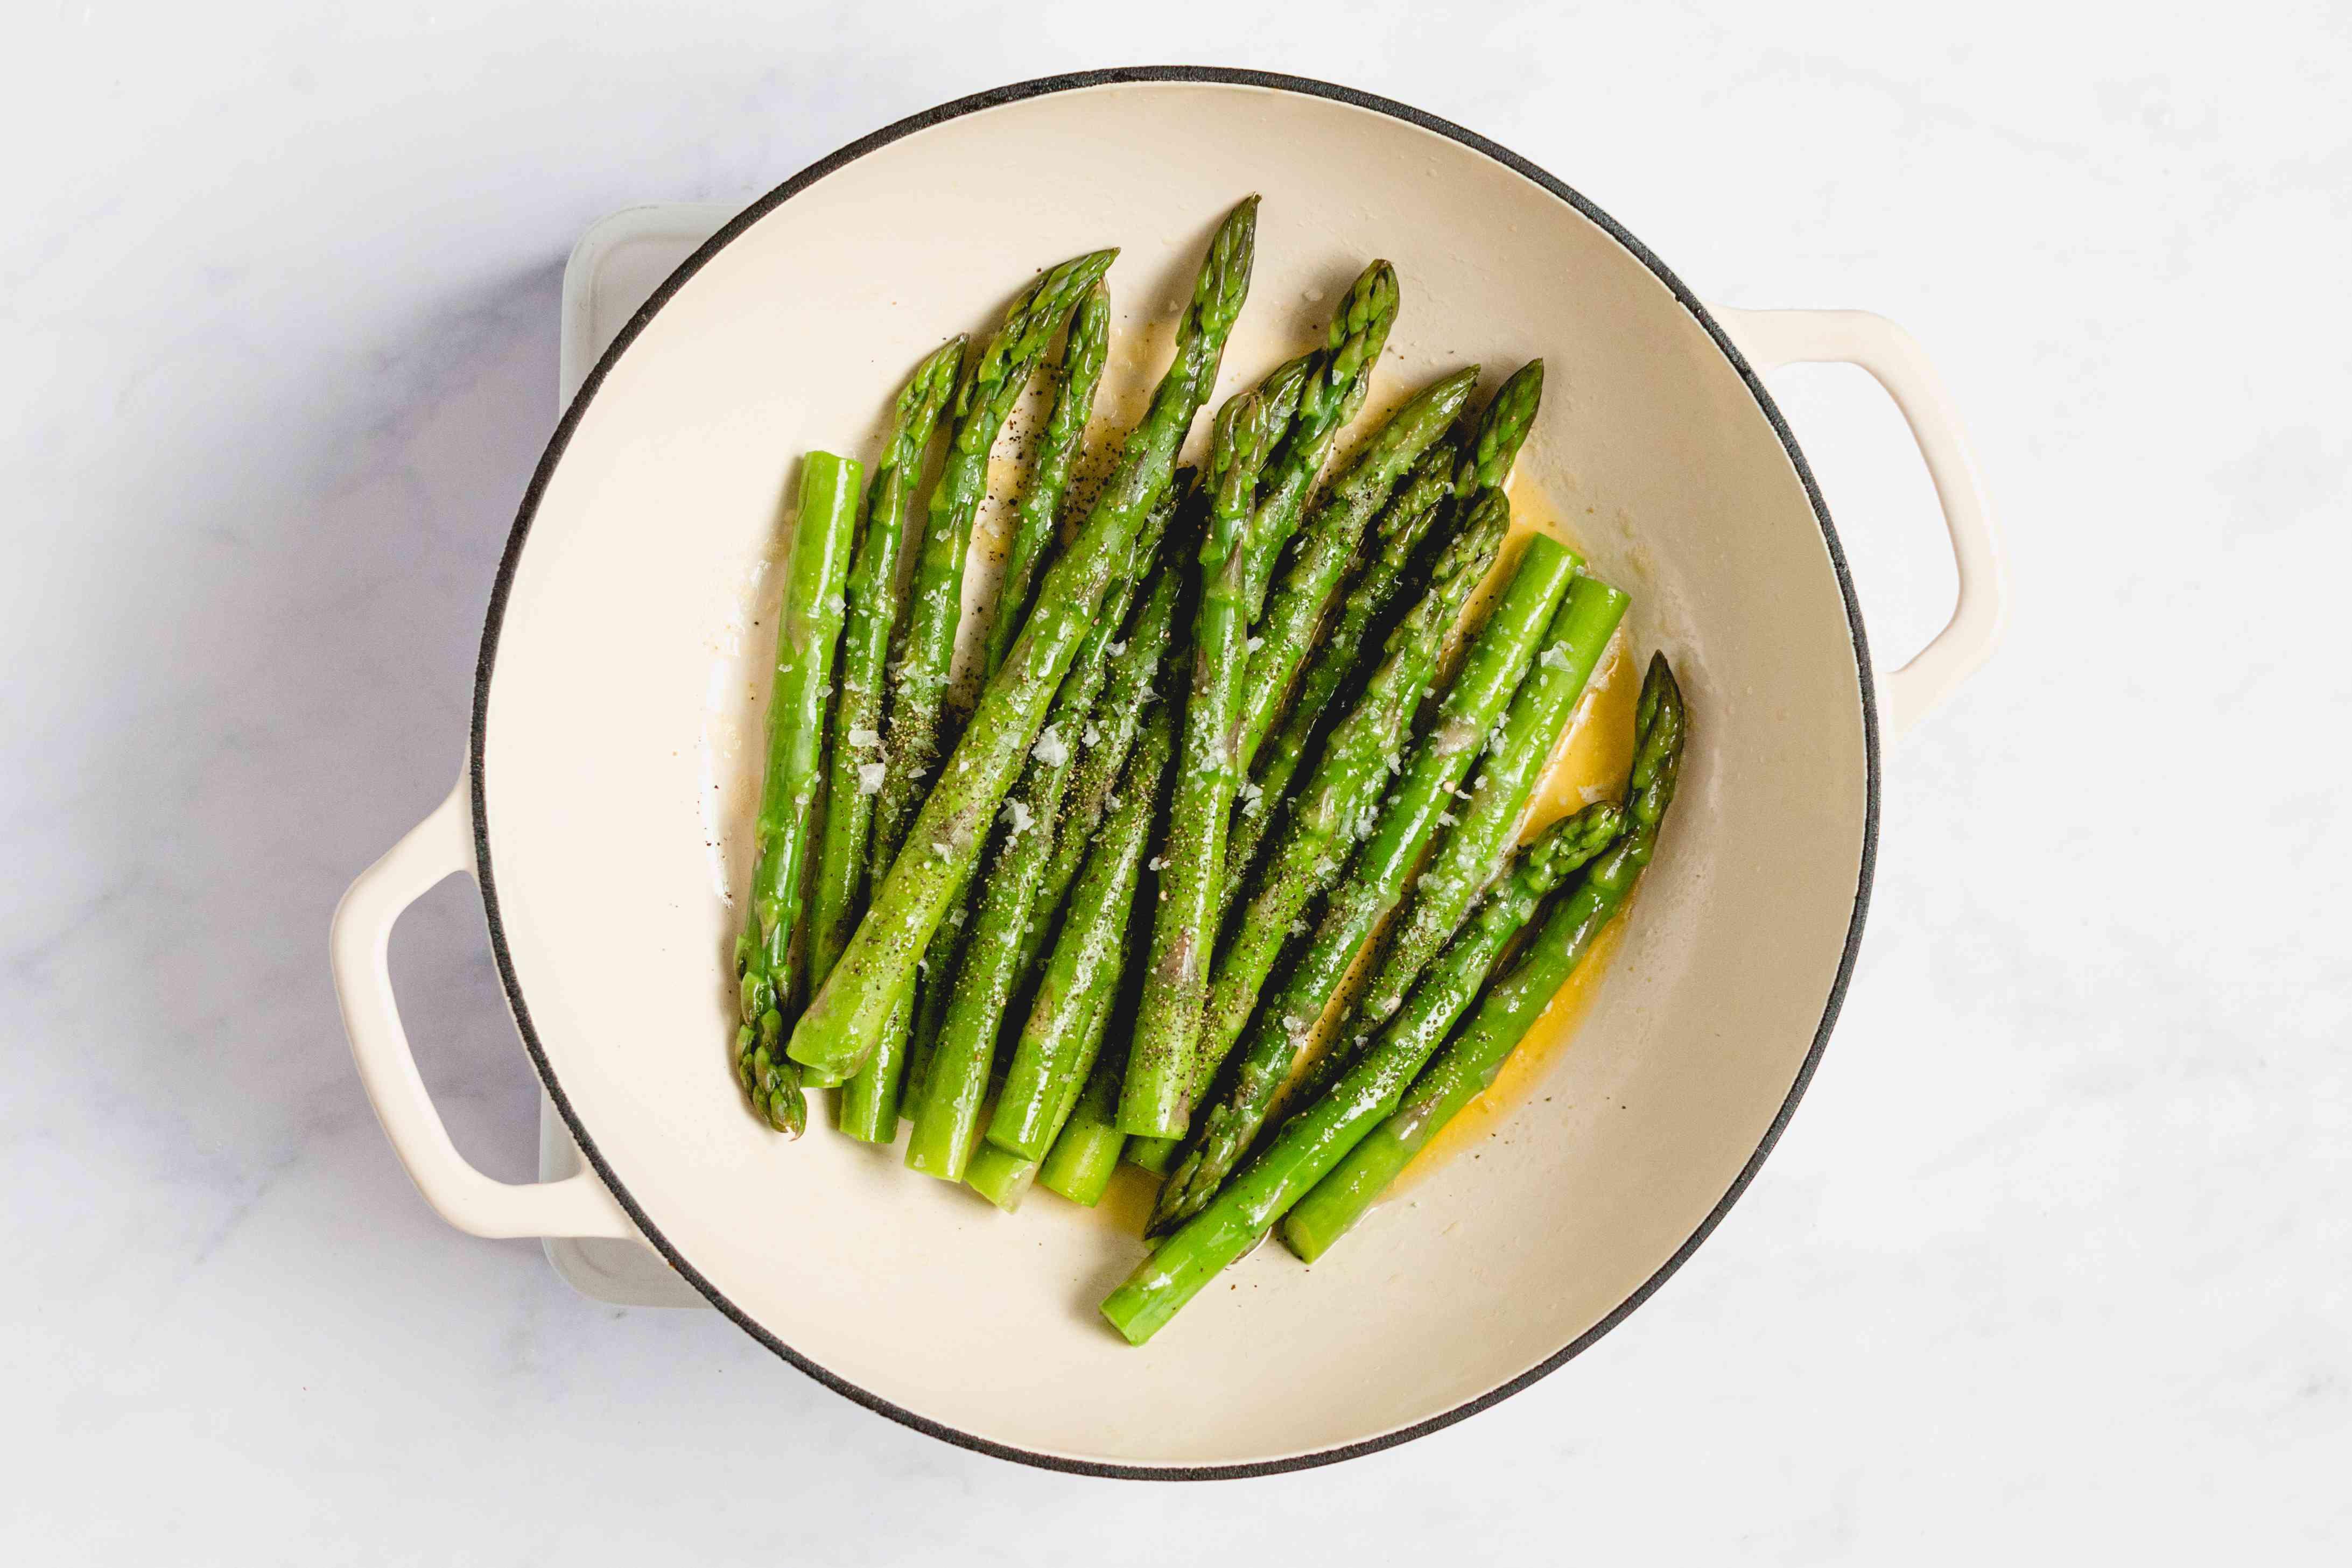 Tender Asparagus in a saucepan